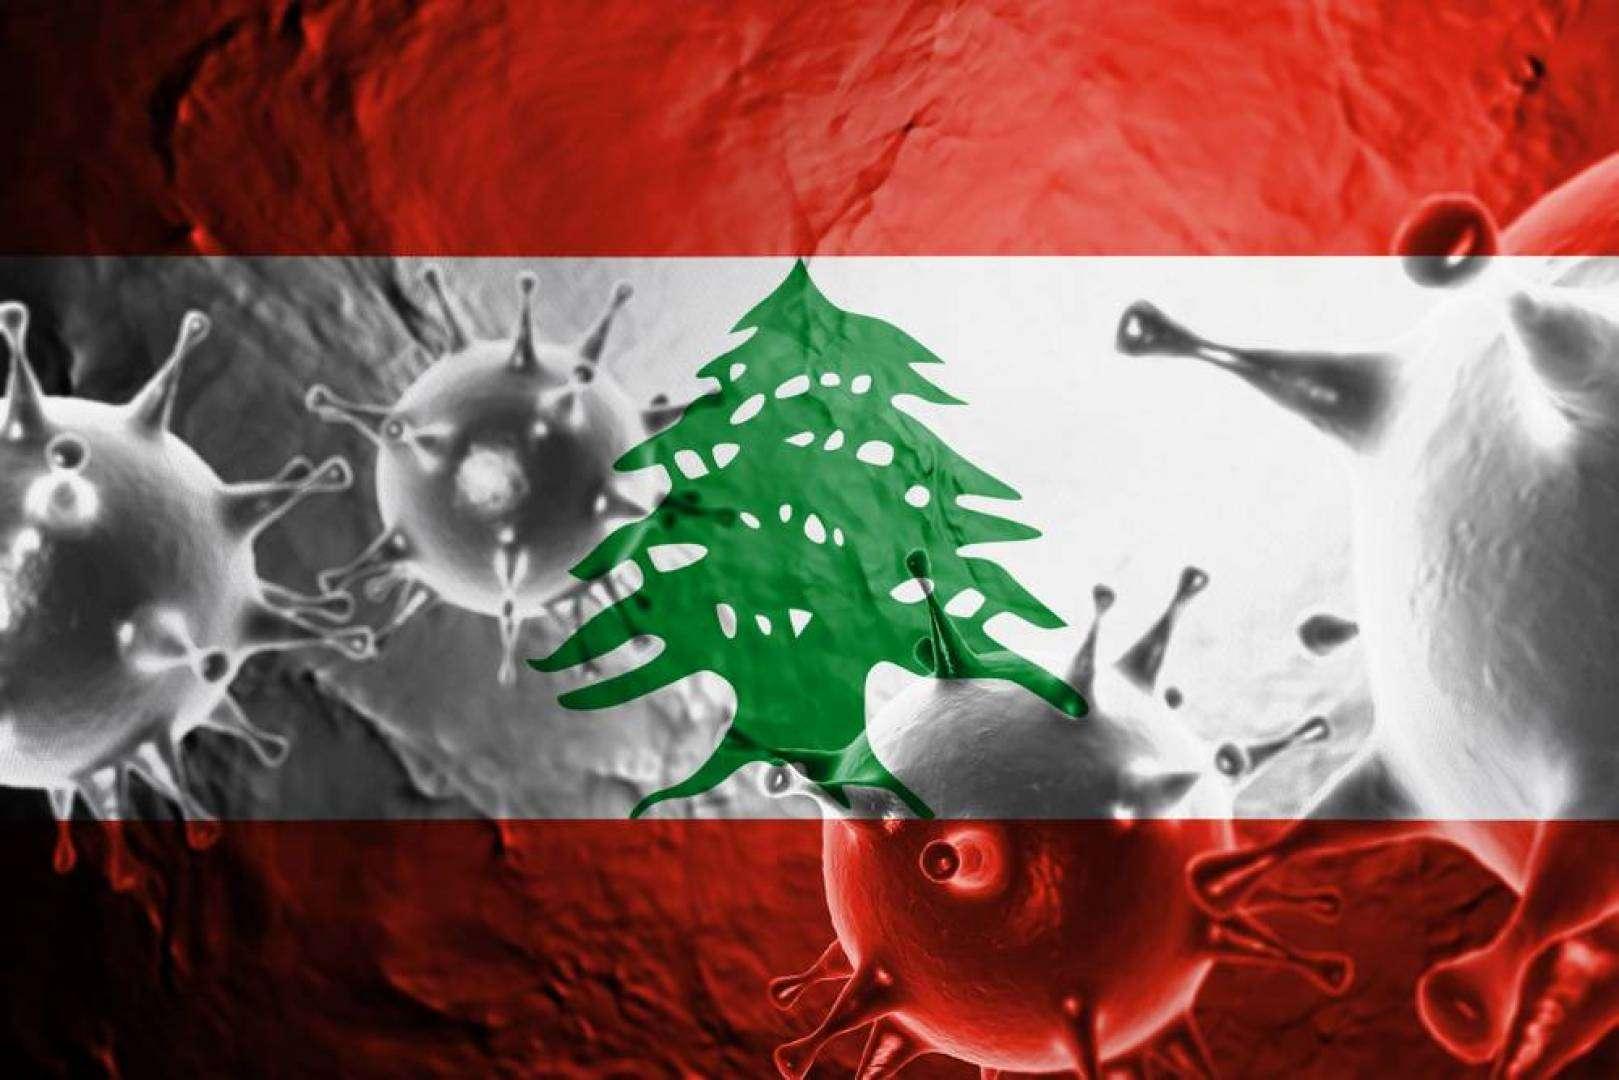 إجراءات مواجهة كورونا في لبنان تهدد الأسر الأكثر فقراً!